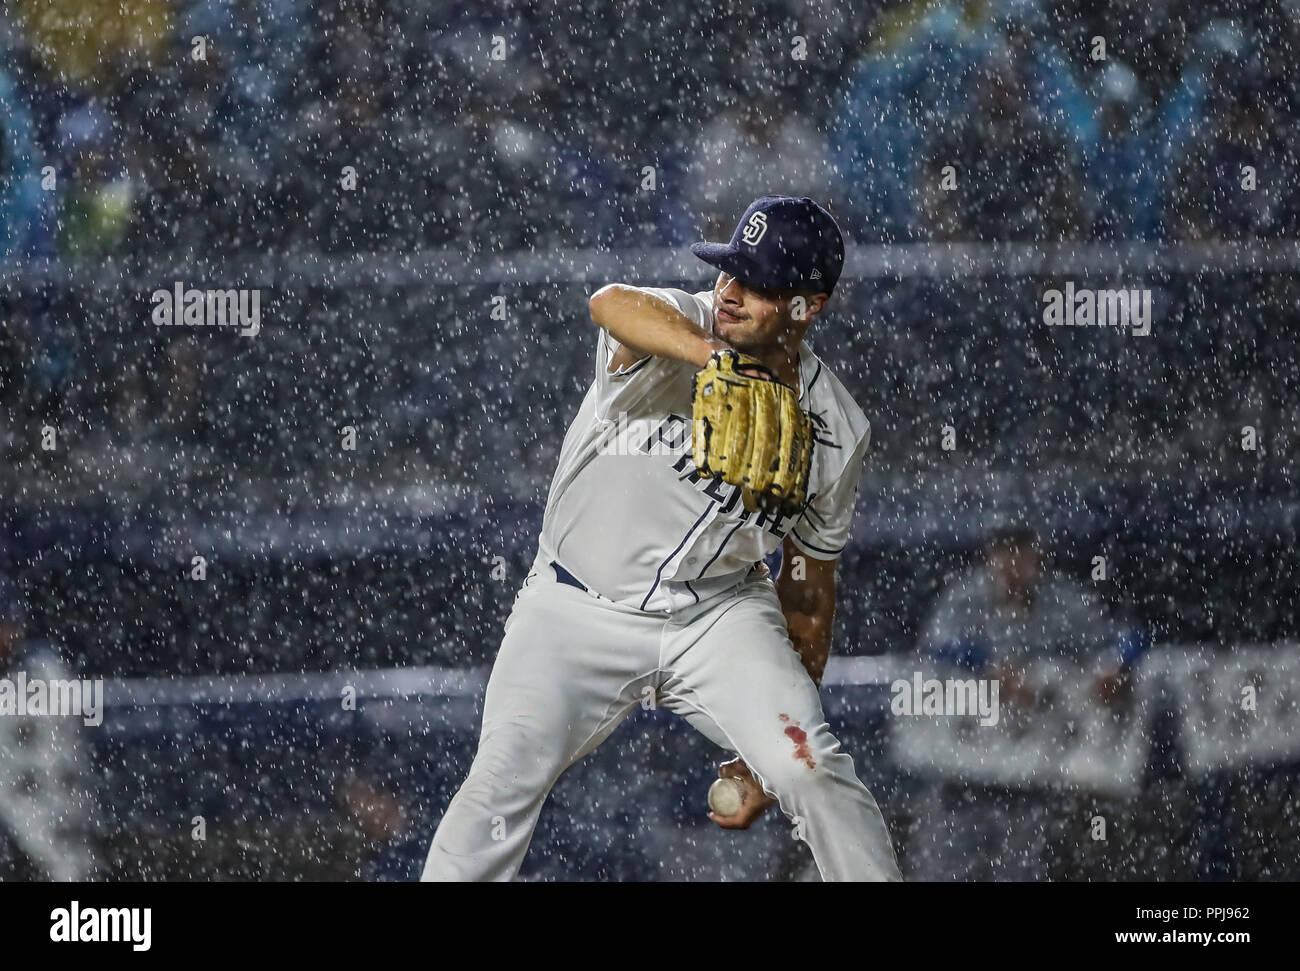 Joey Lucchesi pitcher inicial de San Diego lanza la pelota bajo la intensa lluvia, durante el partido de beisbol de los Dodgers de Los Angeles contra  - Stock Image